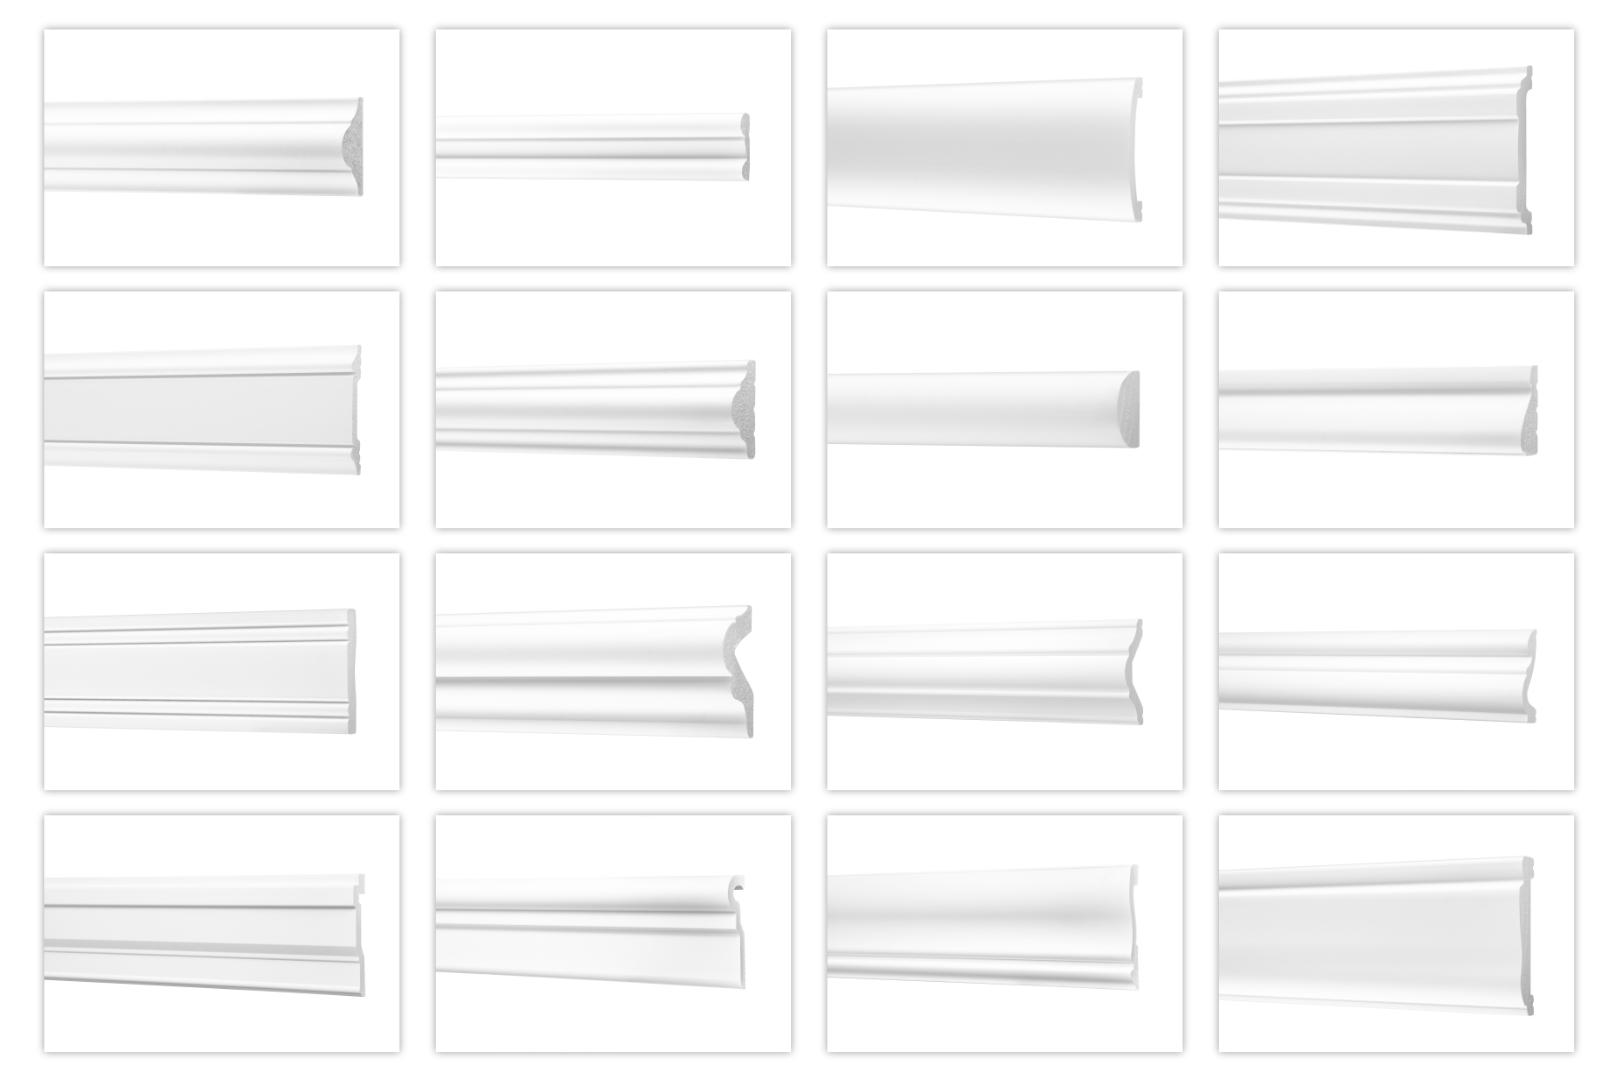 Wandleisten aus Ecopolymer//HXPS Stuckleisten wei/ß Styroporprofile Flachleiste Friesprofil Stuckprofil leicht und schlagfest - CM11-14x40mm